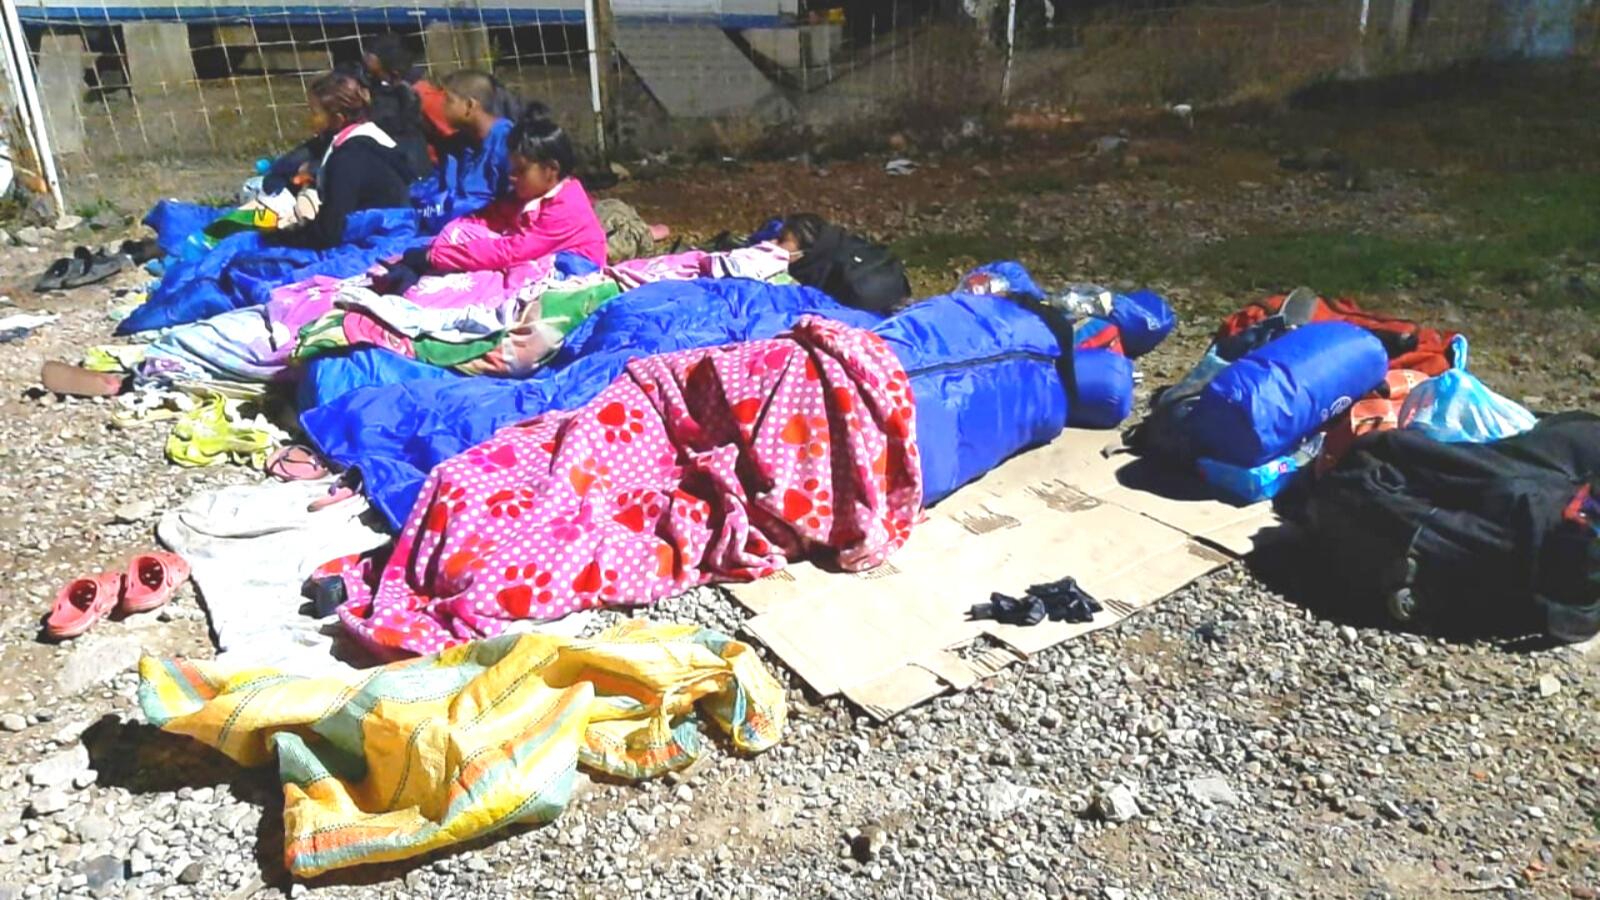 Familias migrantes duermen sobre cartones en las calles de Pamplona